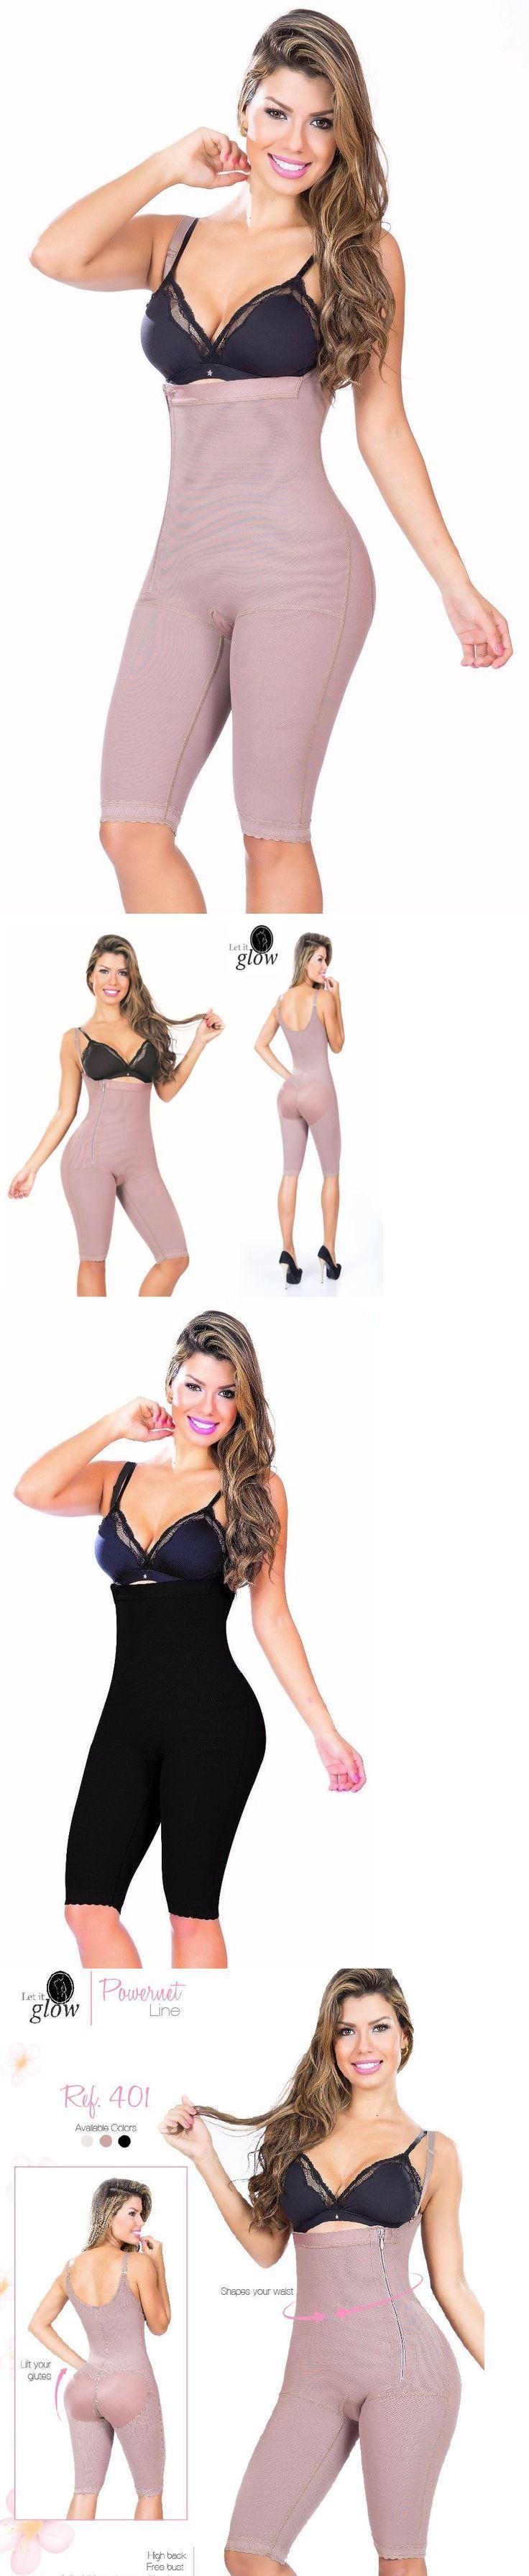 Women Shapewear: Fajas Colombianas Reductoras Tummy Shaper Zipper Levantacola -> BUY IT NOW ONLY: $66.96 on eBay!